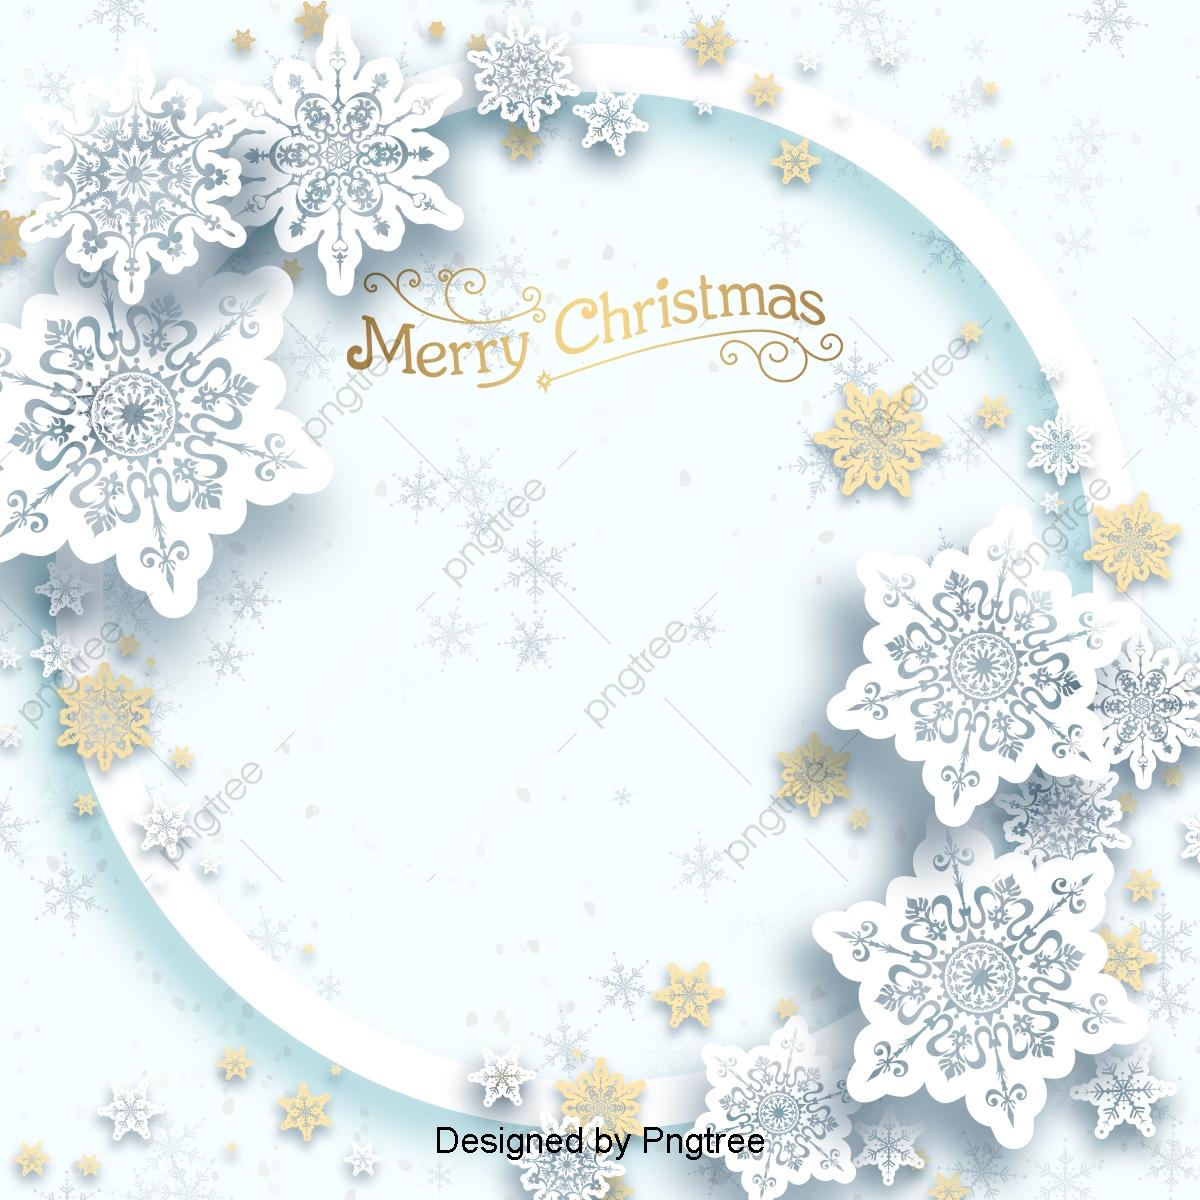 Weihnachten Hintergrund.Die Kleinen Frischen Schnee Zu Weihnachten Hintergrund Xmas